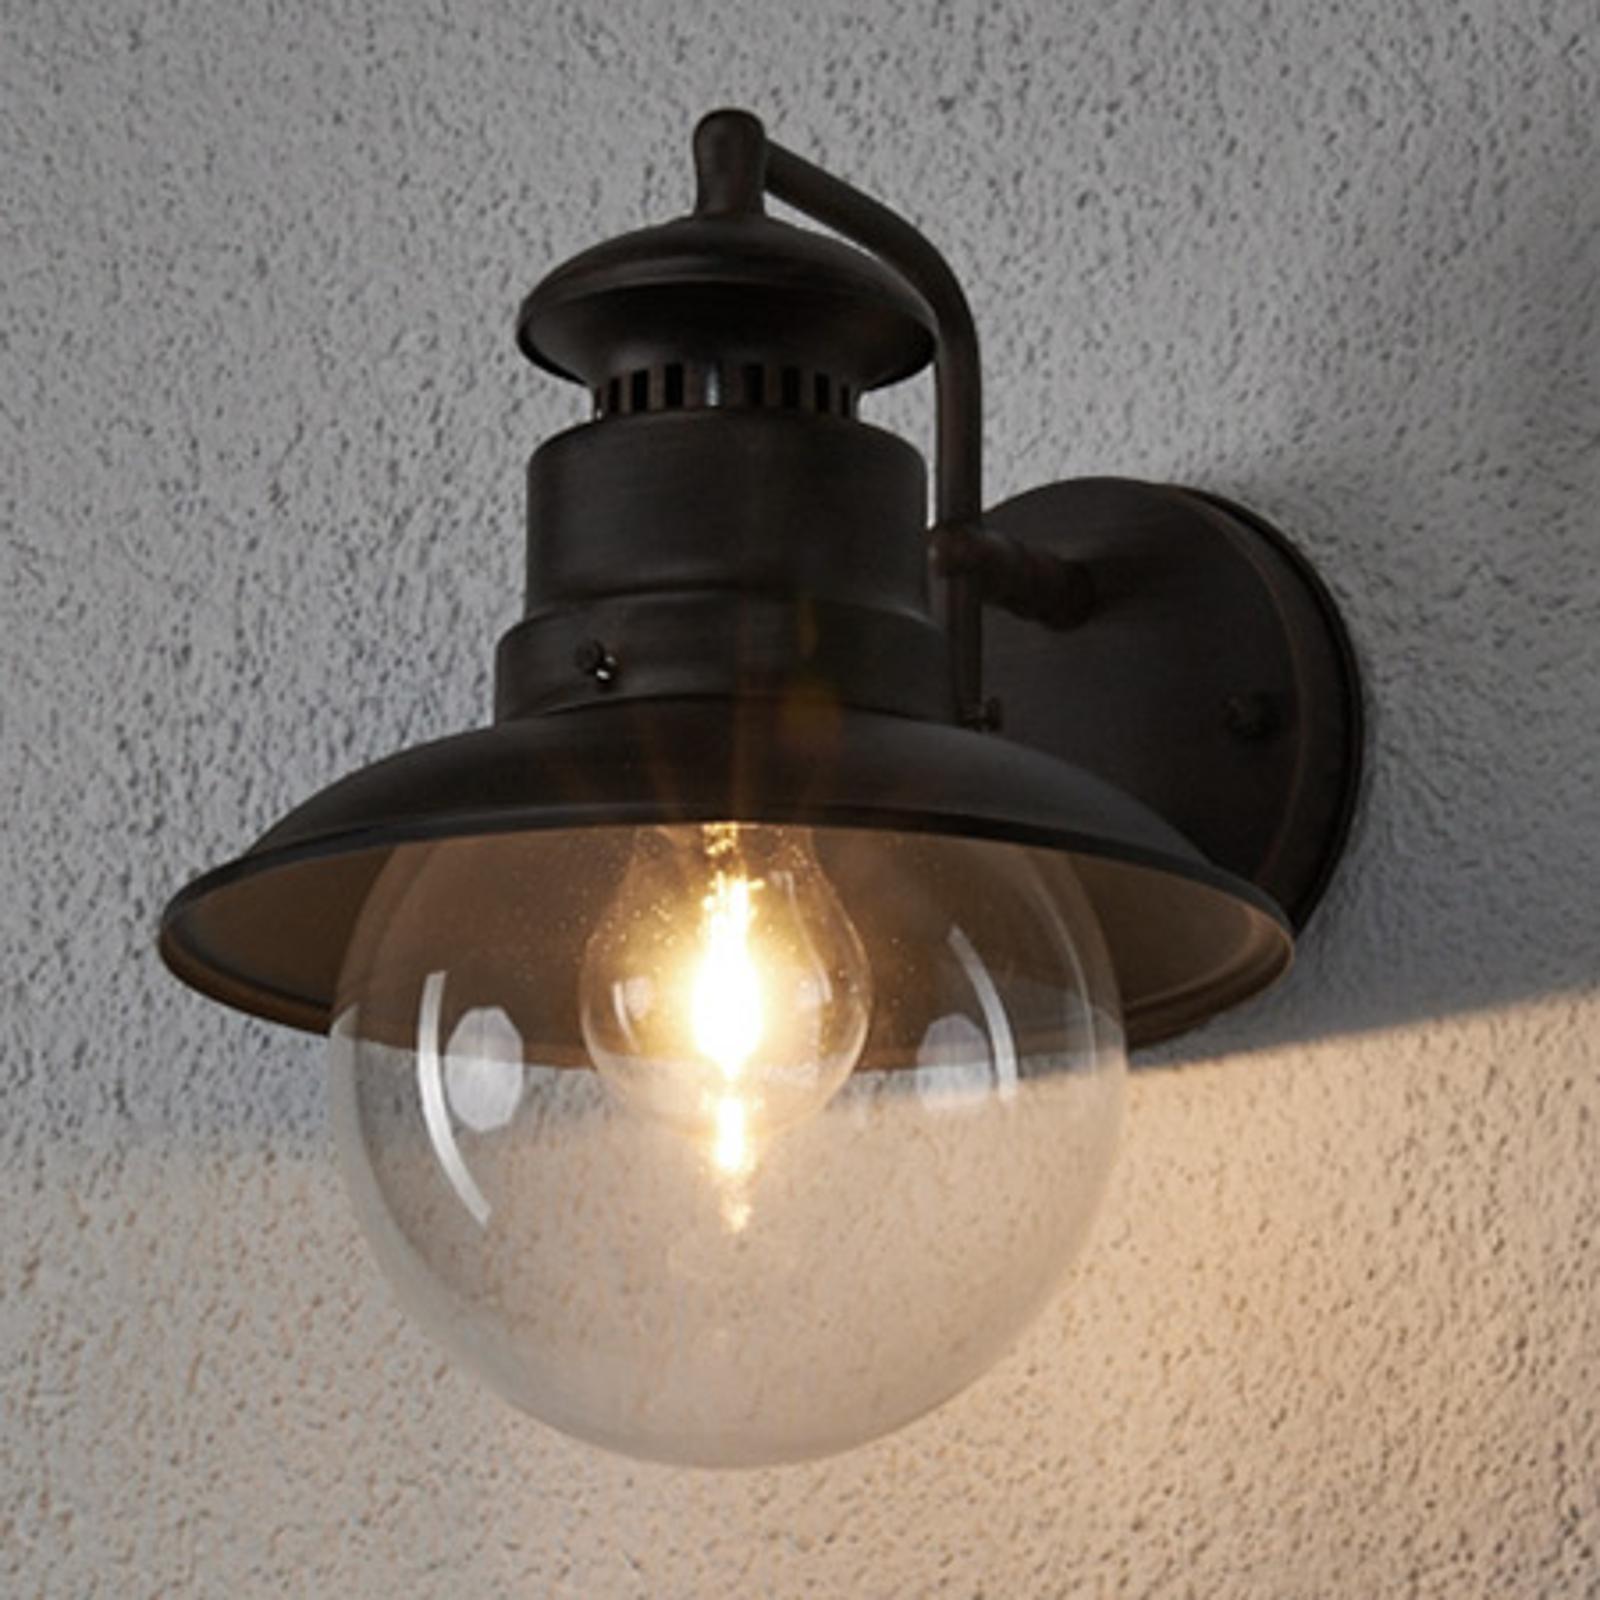 Rustykalna zewnętrzna lampa ścienna Eddie, IP44